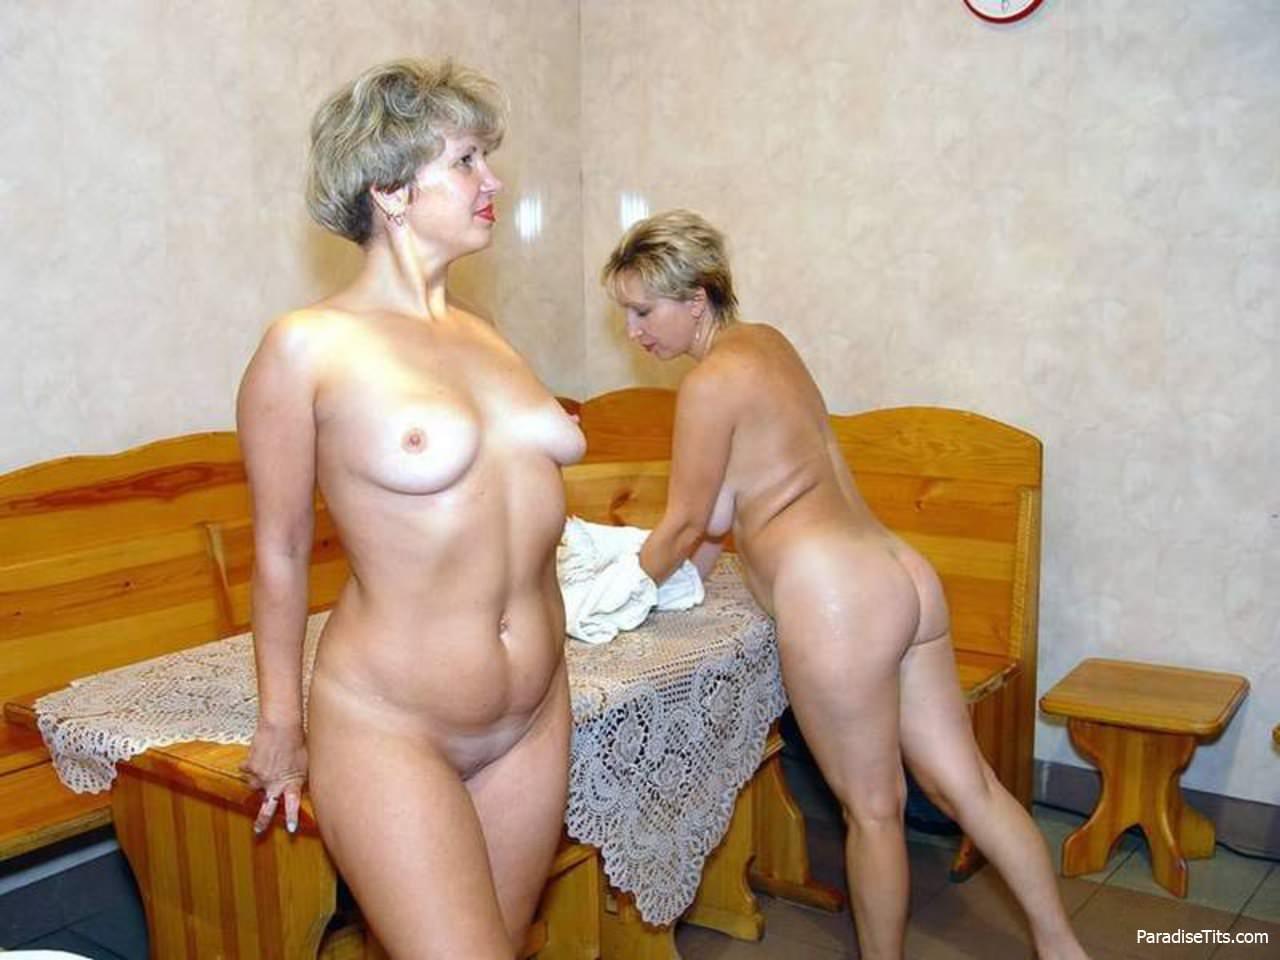 Фото секс взрослые тети, мохнатки в сперме только фото